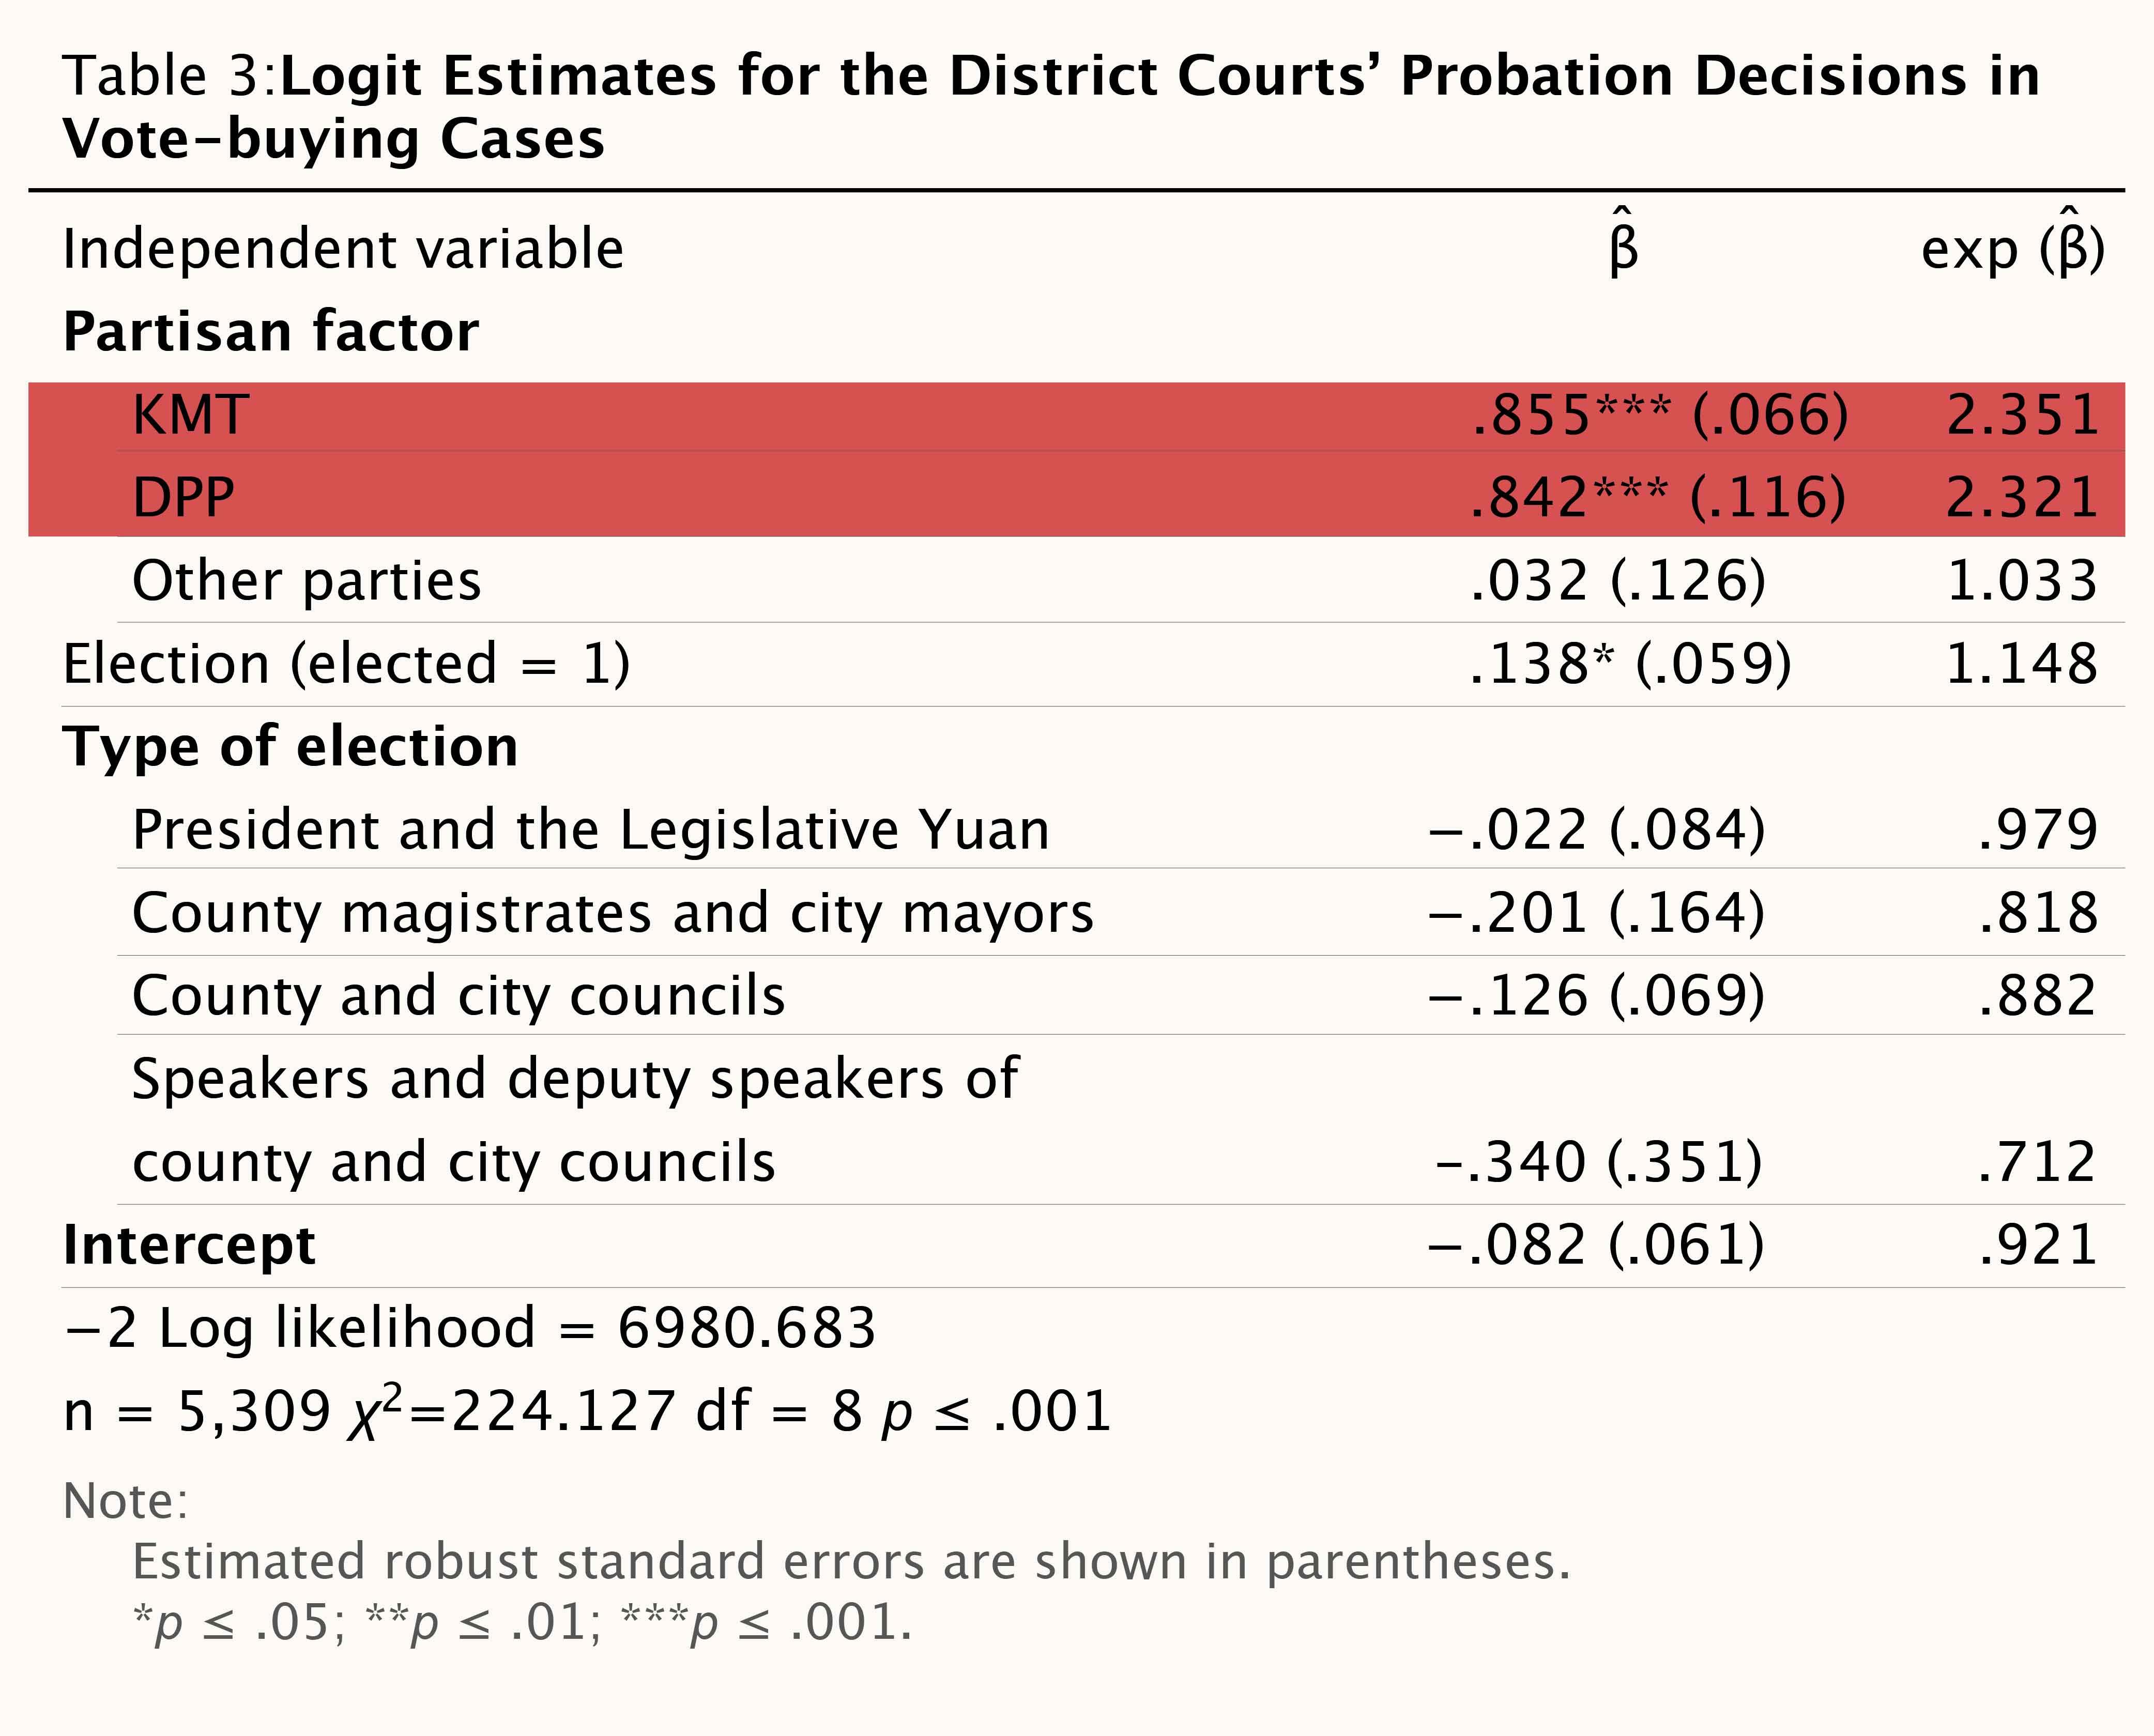 地方法院審理「賄選案件」緩刑判決,紅框處顯示「國民黨籍」確實比較容易被判緩刑,但同時「民進黨籍」也是。圖│Charge Me if You Can: Assessing Political Biases in Votebuying Verdicts in Democratic Taiwan (2000–2010)